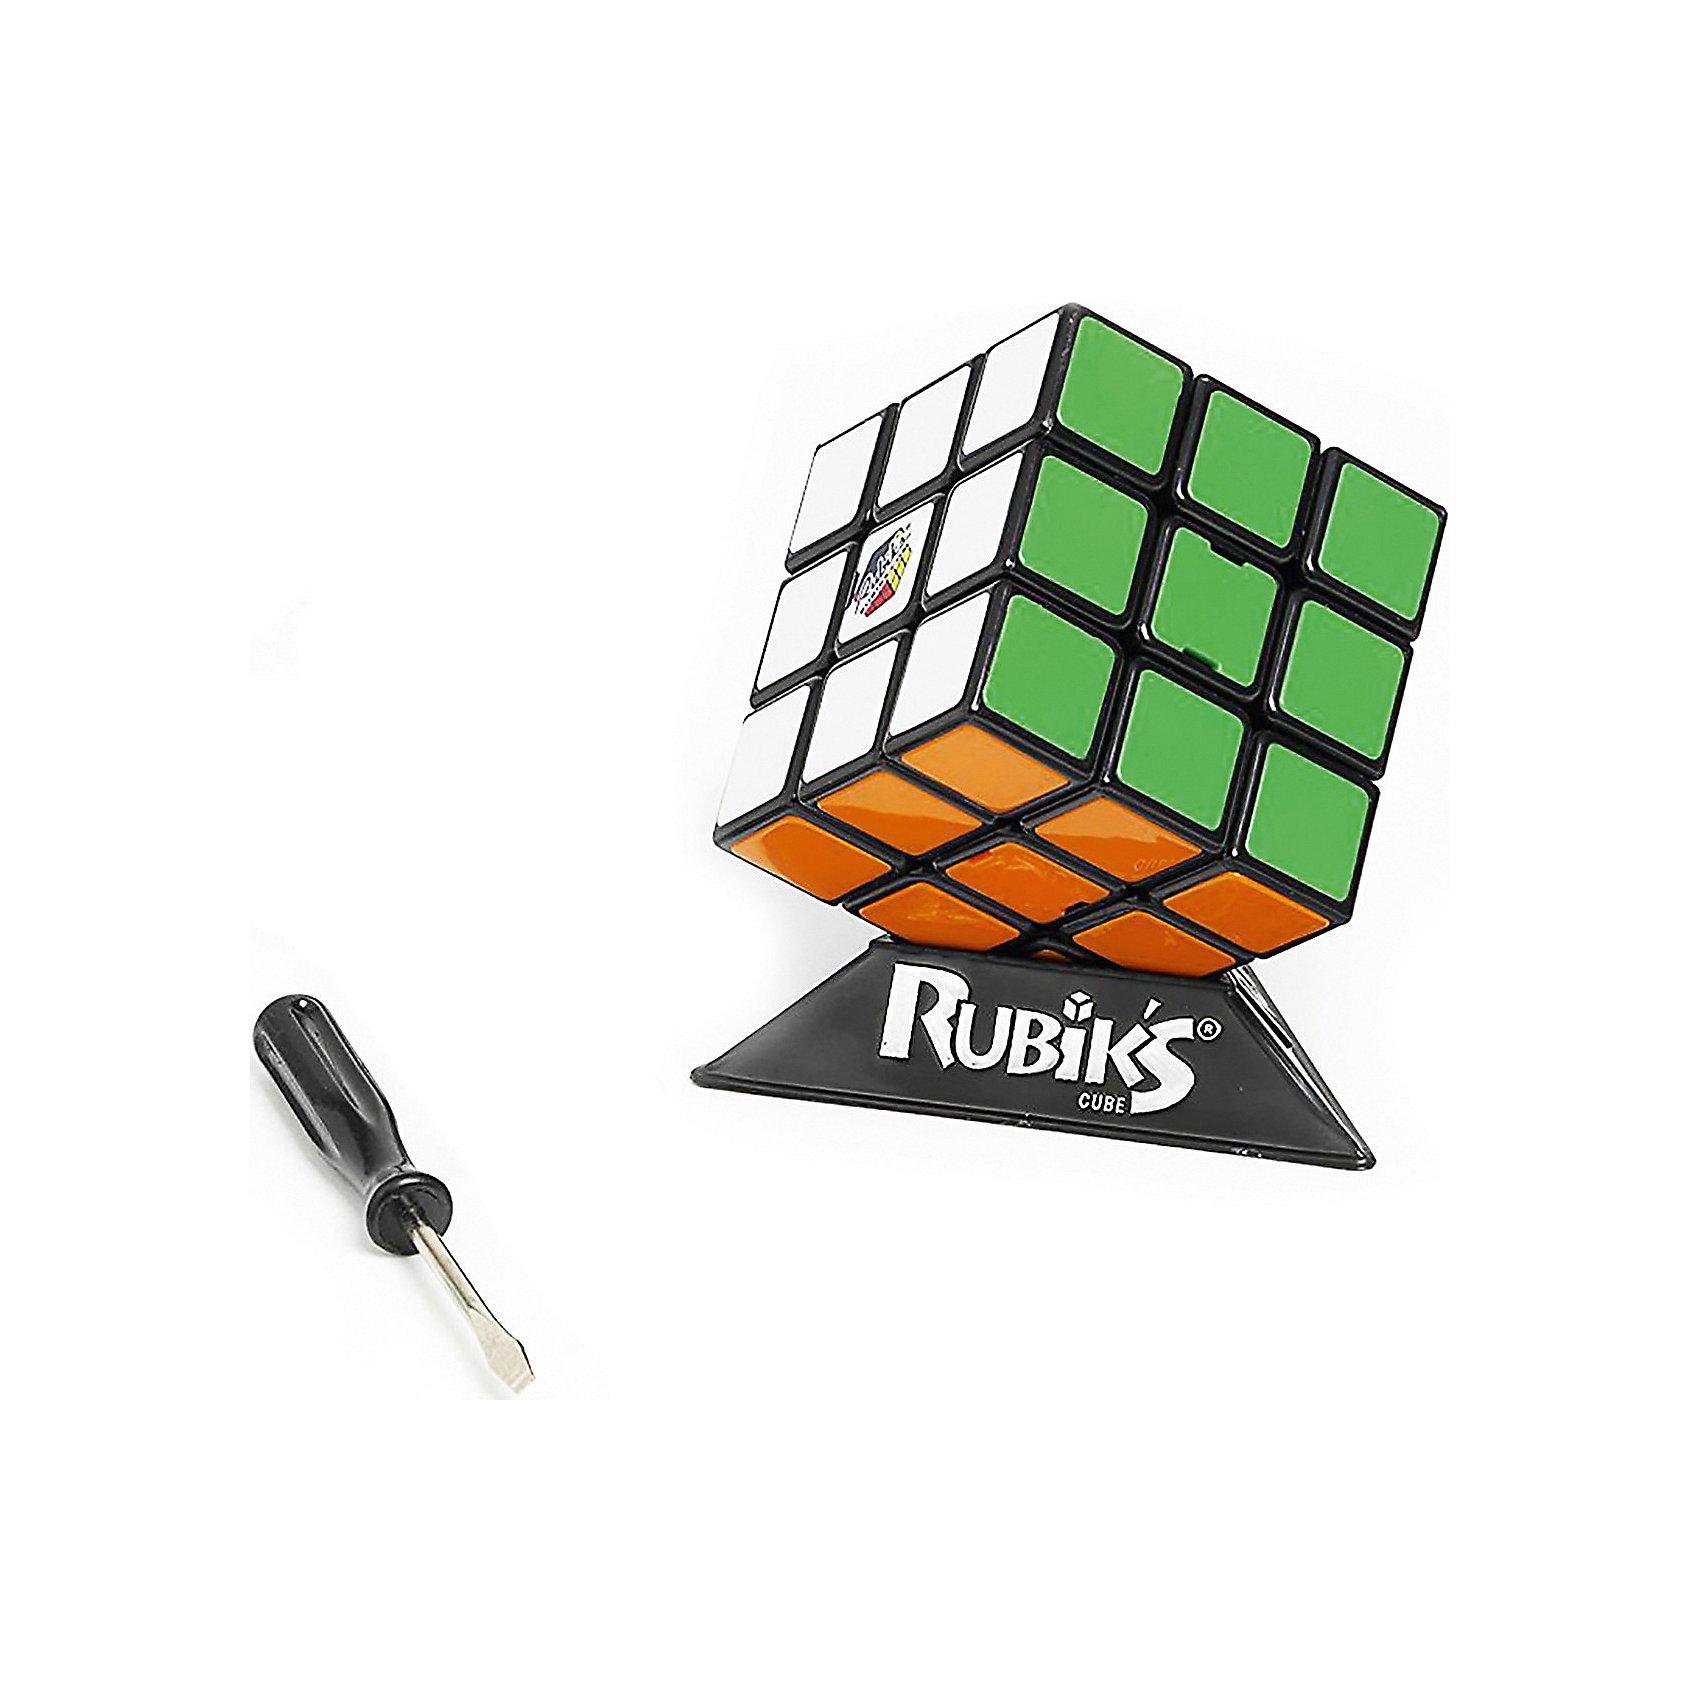 Кубик Рубика Сделай Сам,  RubiksГоловоломки Кубик Рубика<br>Характеристики:<br><br>• возраст: от 8 лет;<br>• сложность игры: «продвинутый» уровень;<br>• материал: пластик;<br>• количество игроков: 1;<br>• время игры: 30 мин.;<br>• размер упаковки 25х8х19 см;<br>• вес упаковки 340 г.;<br>• тип упаковки: подарочная коробка; <br>• размер игрушки: 5,7х5,7х5,7 см.<br><br>Набор-конструктор для самостоятельного создания Кубика Рубика 3х3 и его дальнейшей сборки. Детали стыкуются между собой, защелкиваются или скрепляются винтами. В готовом виде это будет точно такой же кубик, как Скоростной Speedcubing KIT.<br><br>Кубик удобно разбирать для чистки и смазывания механизма.<br><br>Цель игры – понять принцип работы головоломки и быстрее собирать квадраты одного цвета на каждой из сторон кубика. Игра развивает творческие способности, смекалку, сообразительность, внимательность.<br><br>В комплекте:<br>• элементы внутреннего механизма;<br>• цветные плитки (в т.ч. запасные);<br>• пружинки и отвертка;<br>• инструкция по собиранию механизма и корпуса игрушки;   <br>• инструкция и алгоритмы по сборке.<br><br>Головоломку «Кубик Рубика. Сделай сам 3х3», Rubiks можно приобрести в нашем интернет-магазине.<br><br>Ширина мм: 50<br>Глубина мм: 265<br>Высота мм: 200<br>Вес г: 300<br>Возраст от месяцев: 84<br>Возраст до месяцев: 2147483647<br>Пол: Унисекс<br>Возраст: Детский<br>SKU: 7028997